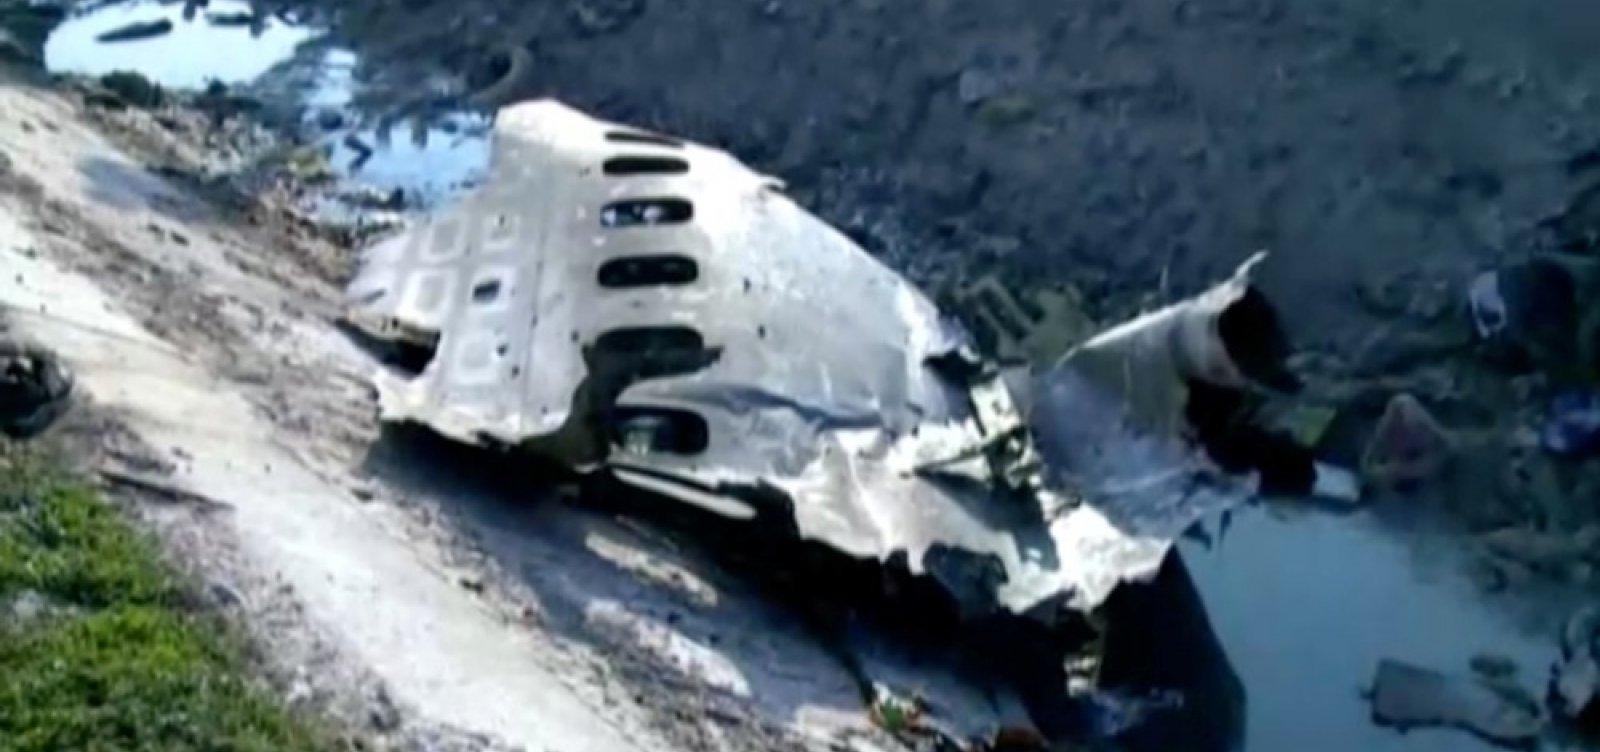 Queda de avião ucraniano no Irã deixa mais de 170 mortos